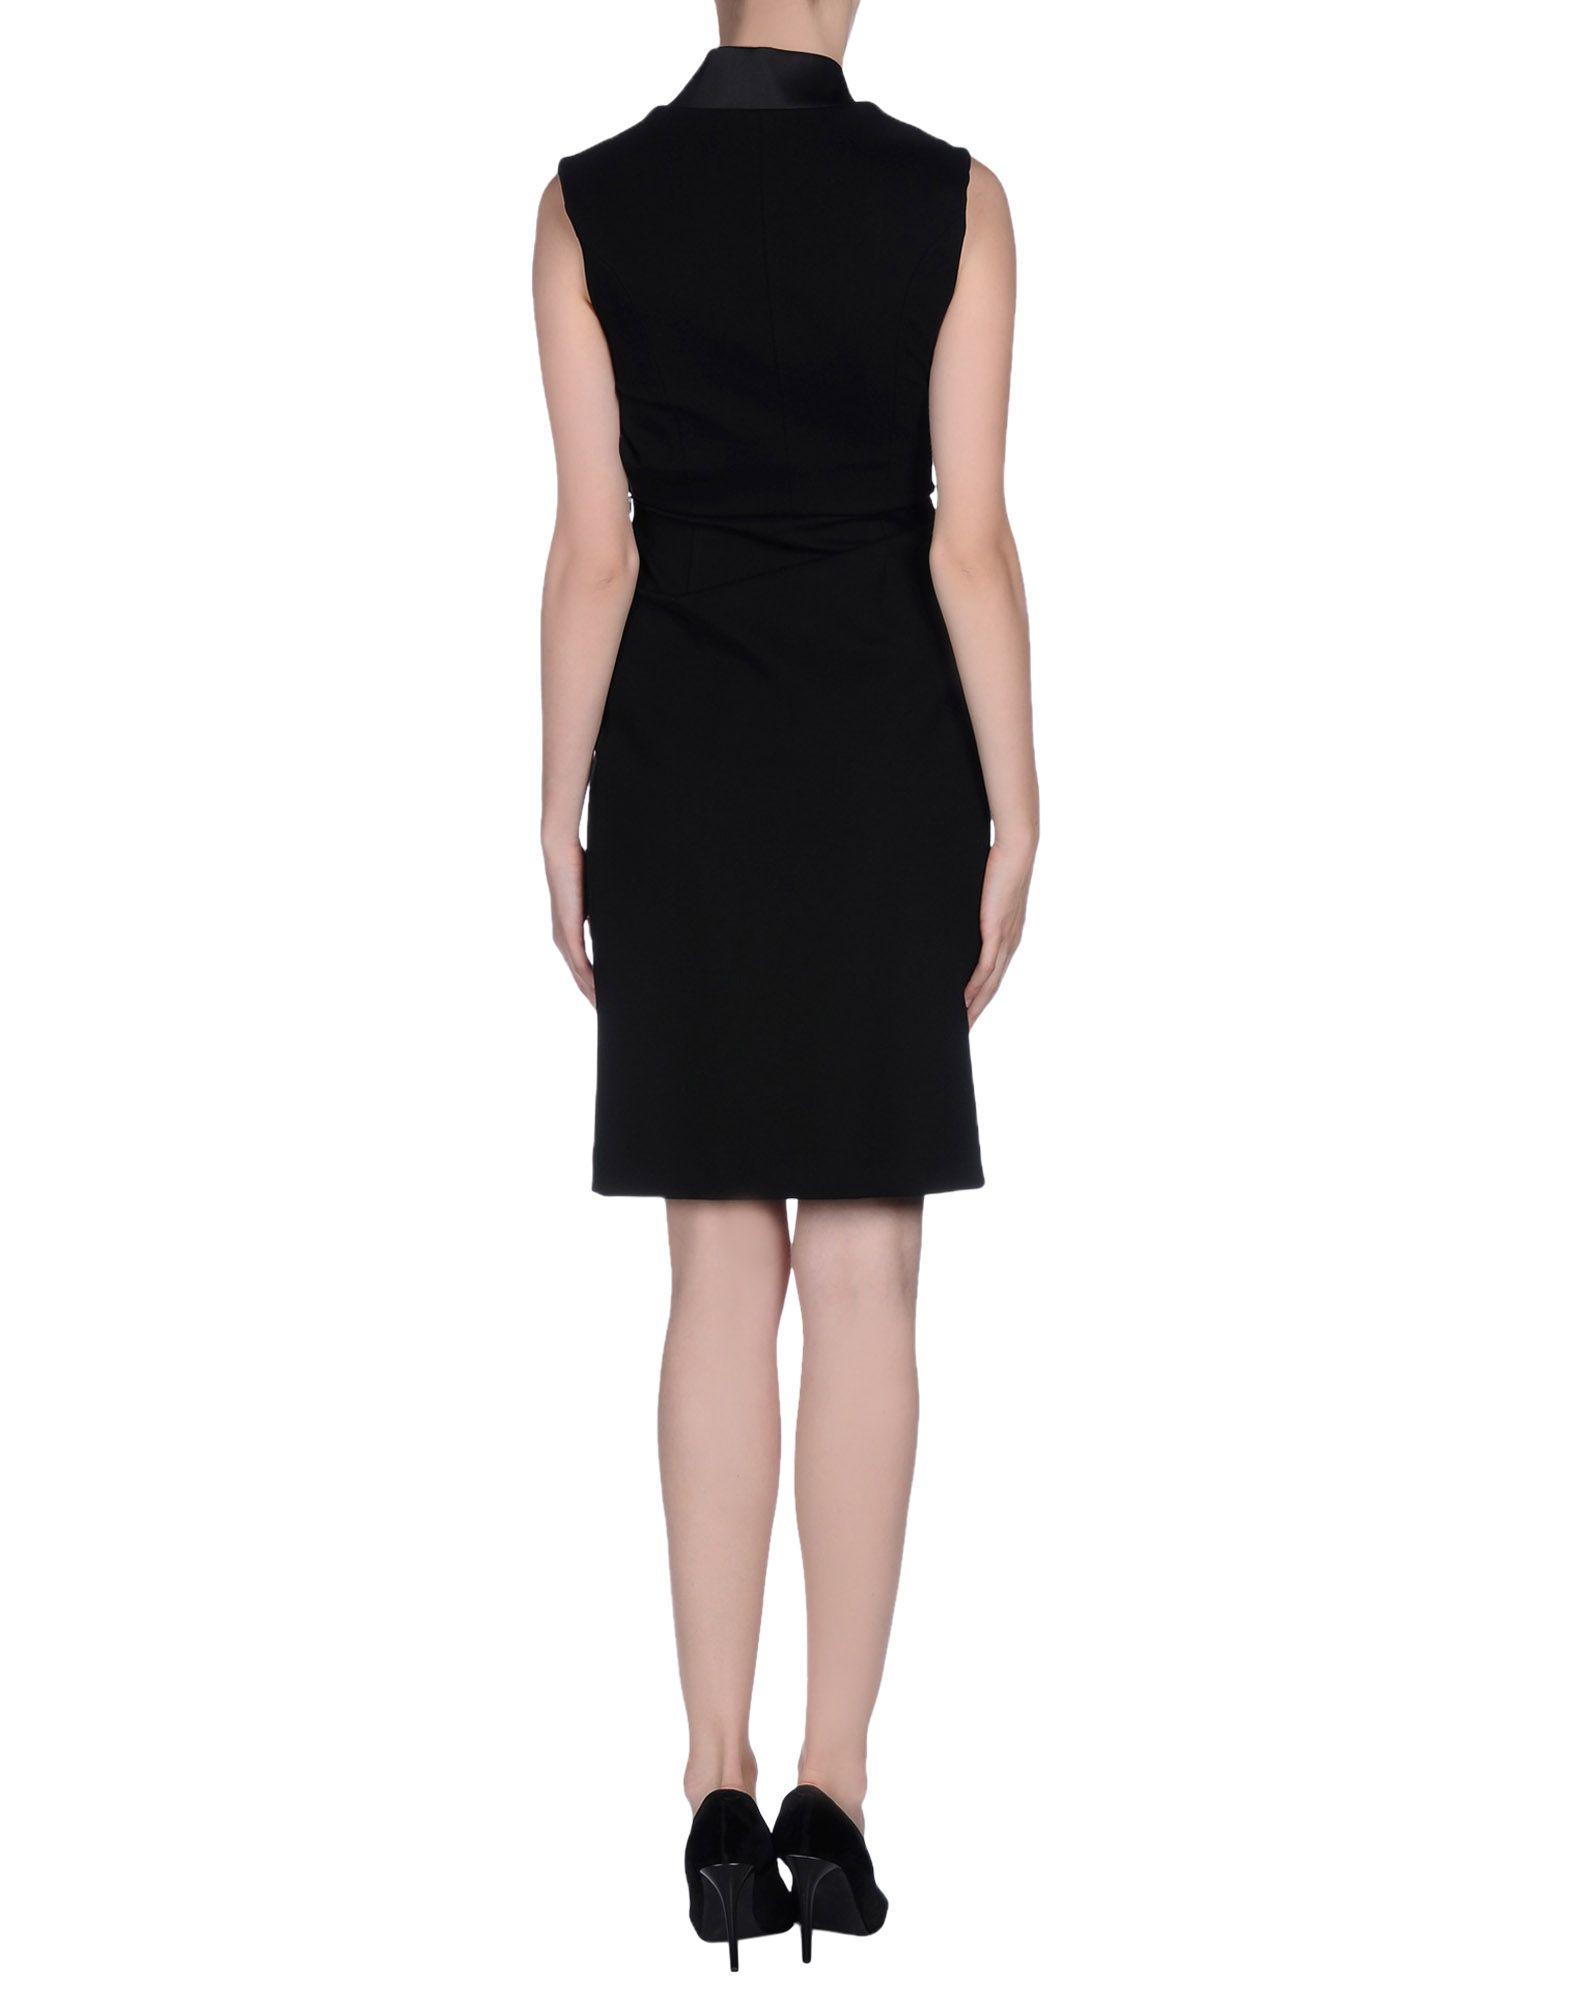 lyst hotel particulier knee length dress in black. Black Bedroom Furniture Sets. Home Design Ideas